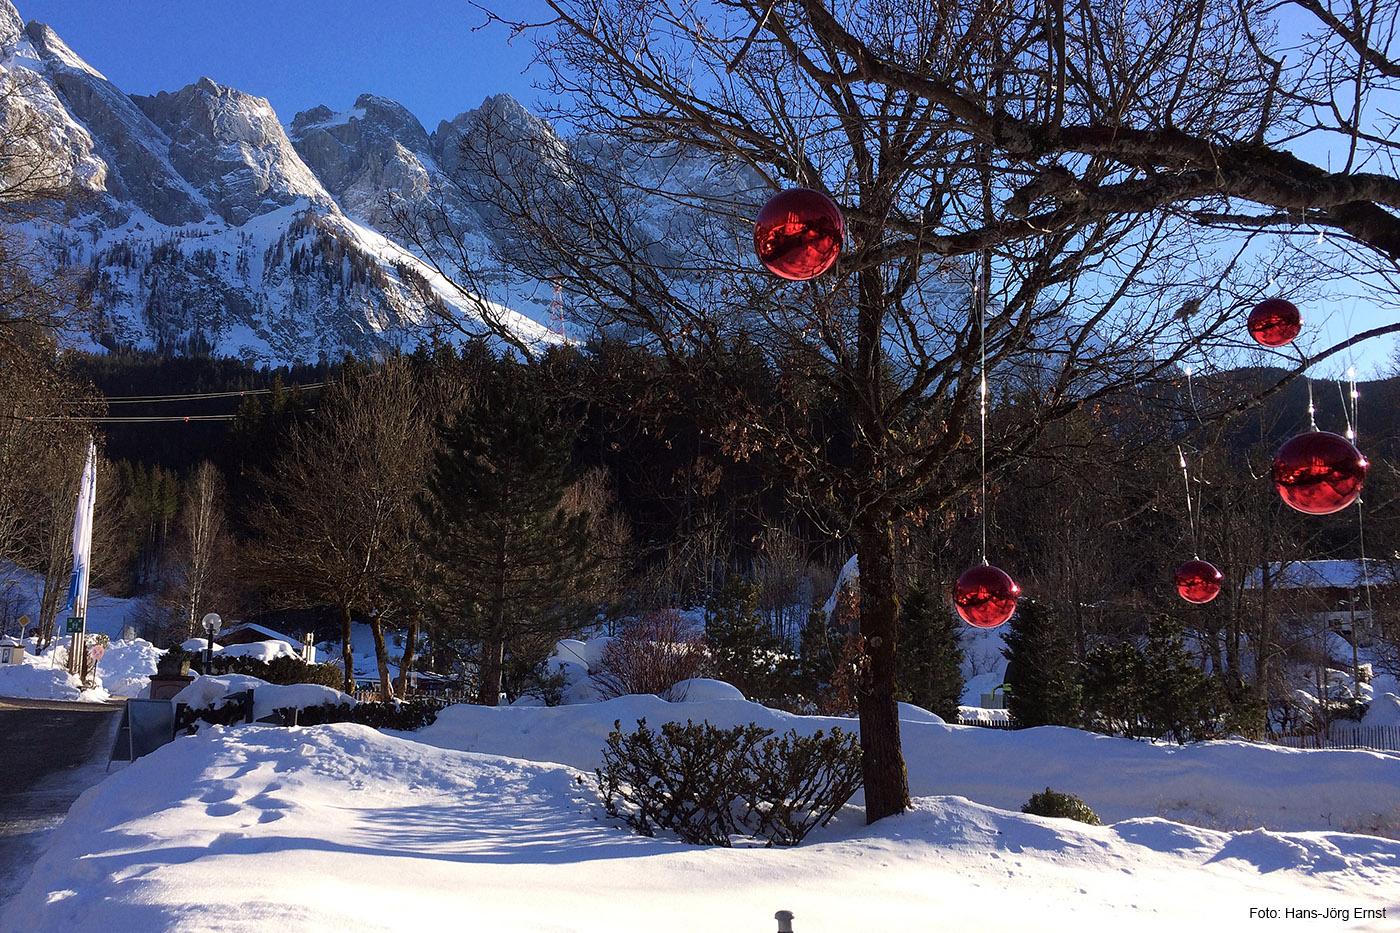 TRAUMLAGE Das Eibsee-Hotel (4 Sterne) liegt direkt am See und an der Station Grainau/Eibsee, am Fuß der Zugspitze.